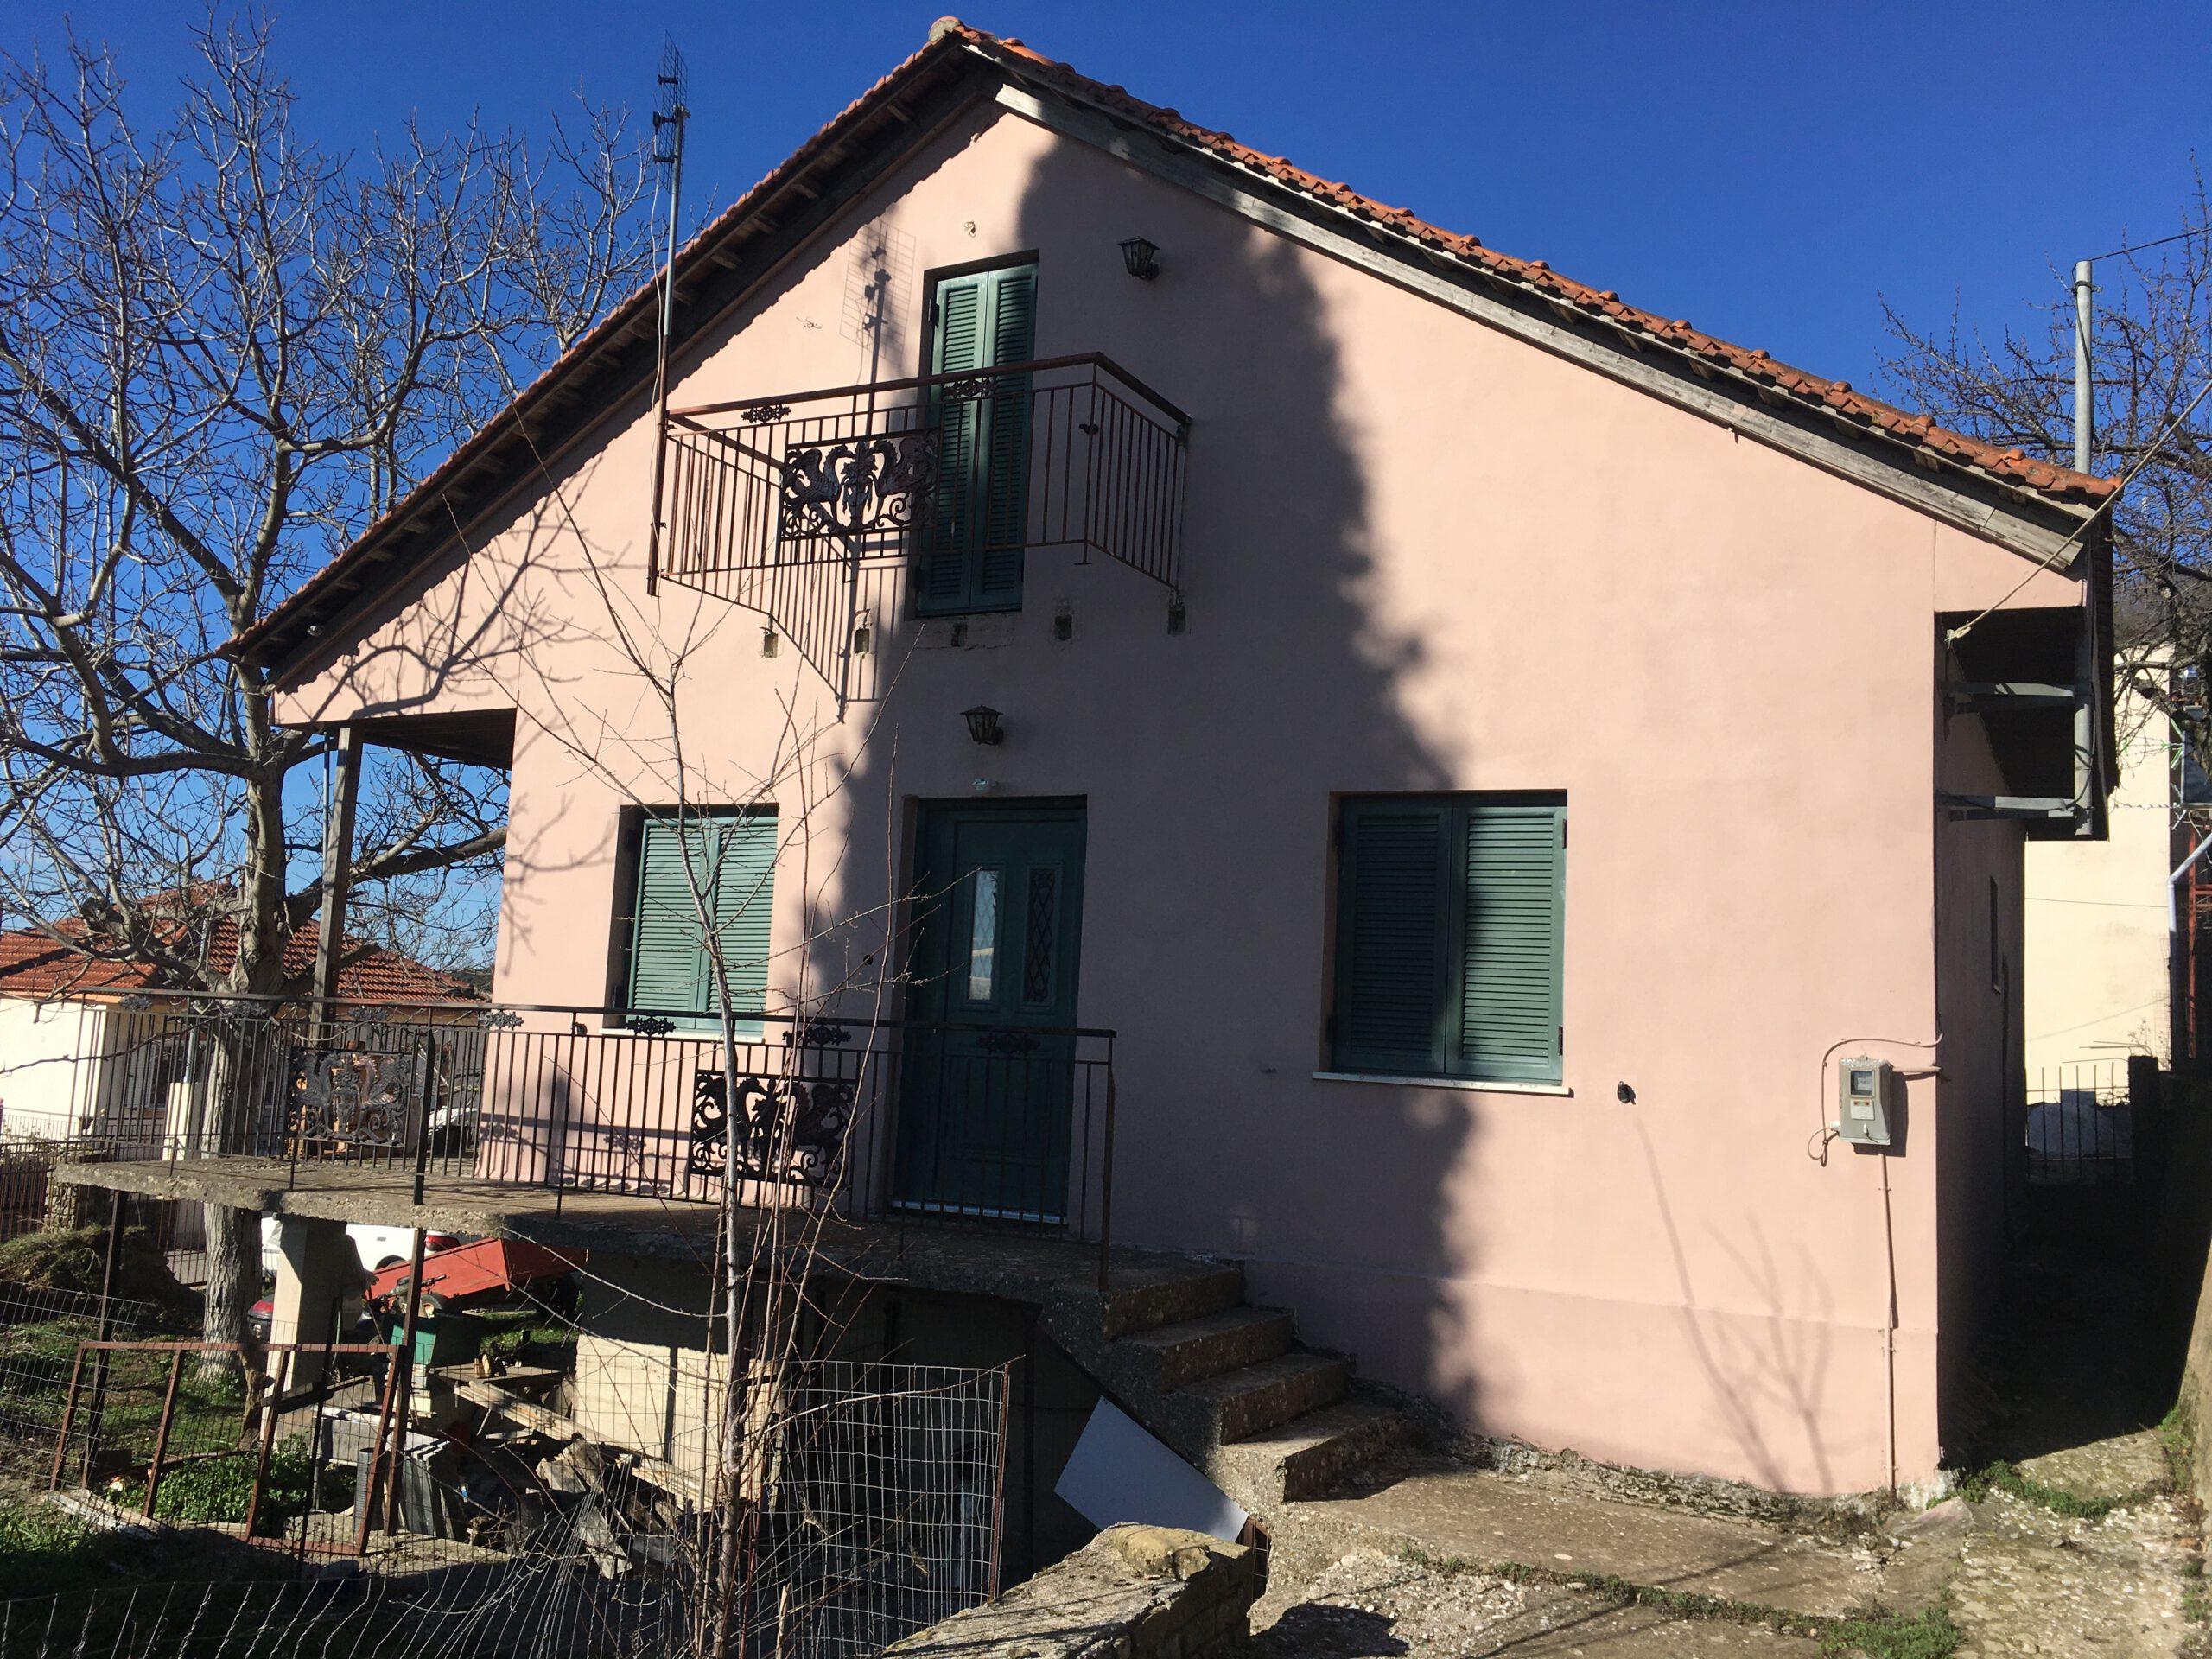 Πωλείται μονοκατοικία 150τμ σε οικόπεδο 450τμ στα Ελληνικά Μεσολογγίου